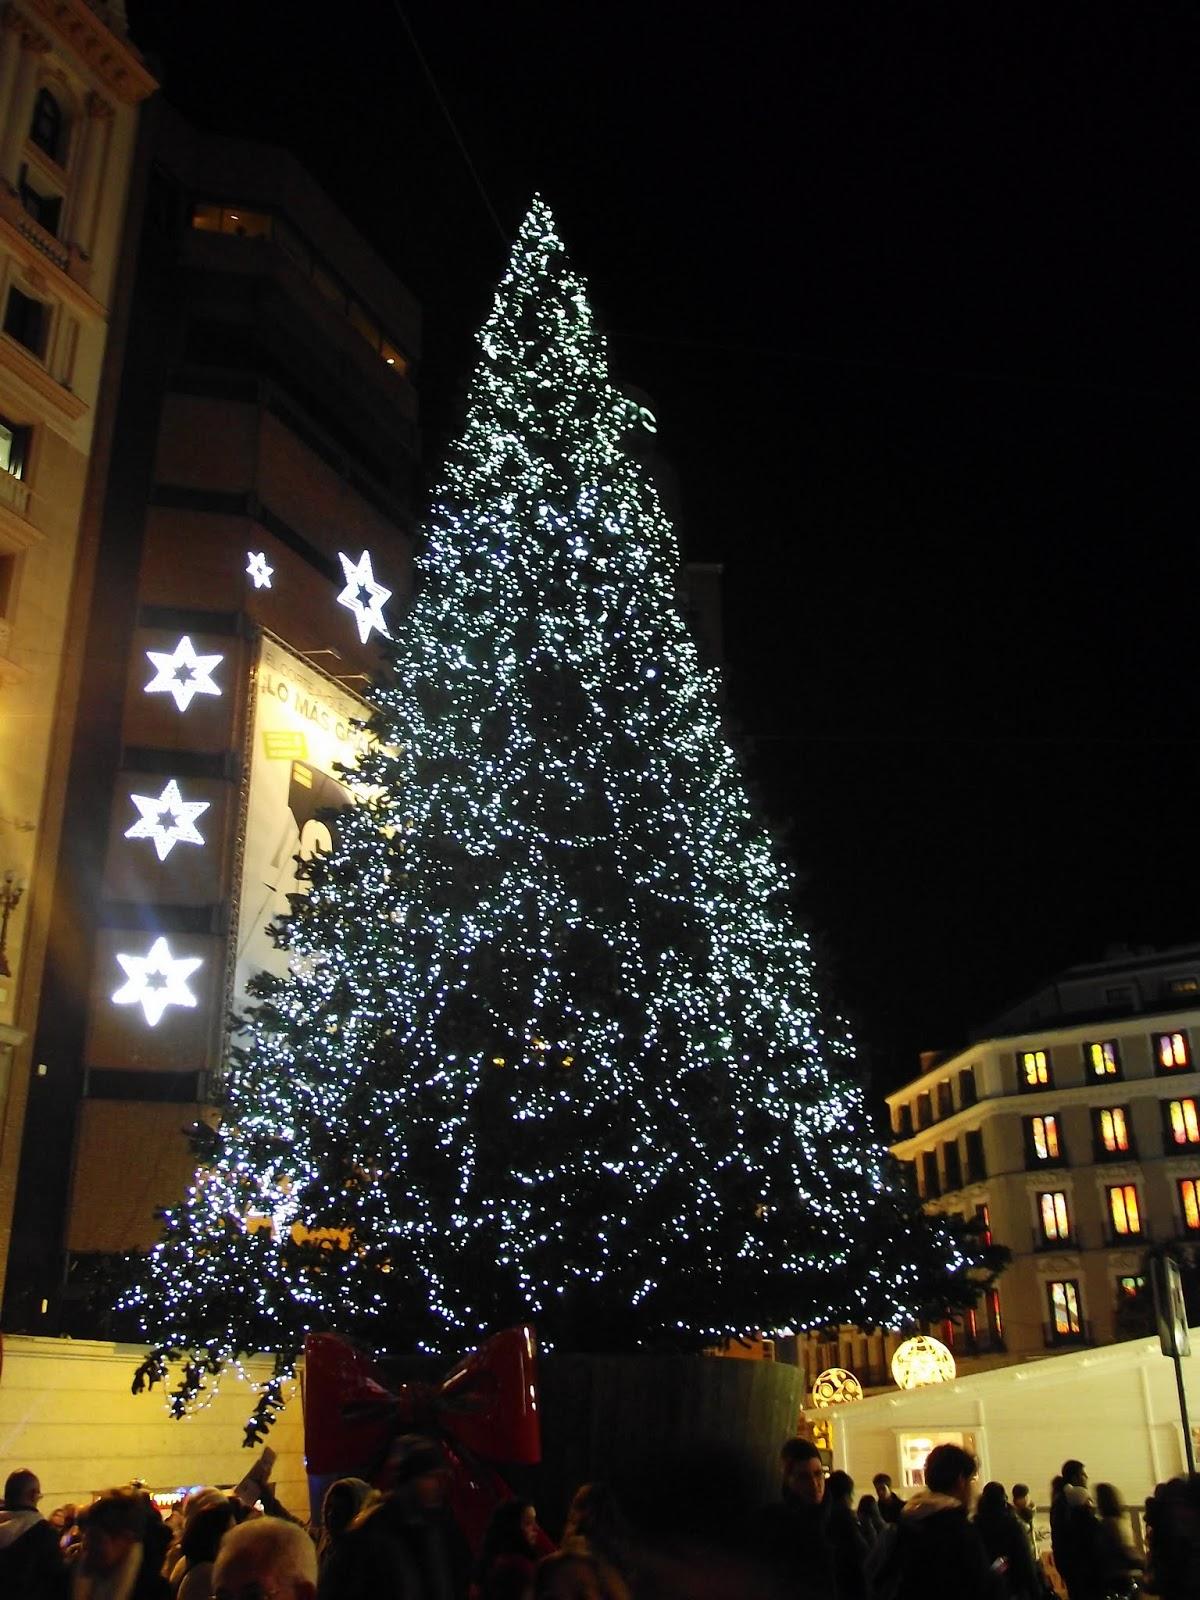 árbol navidad en plaza callao.